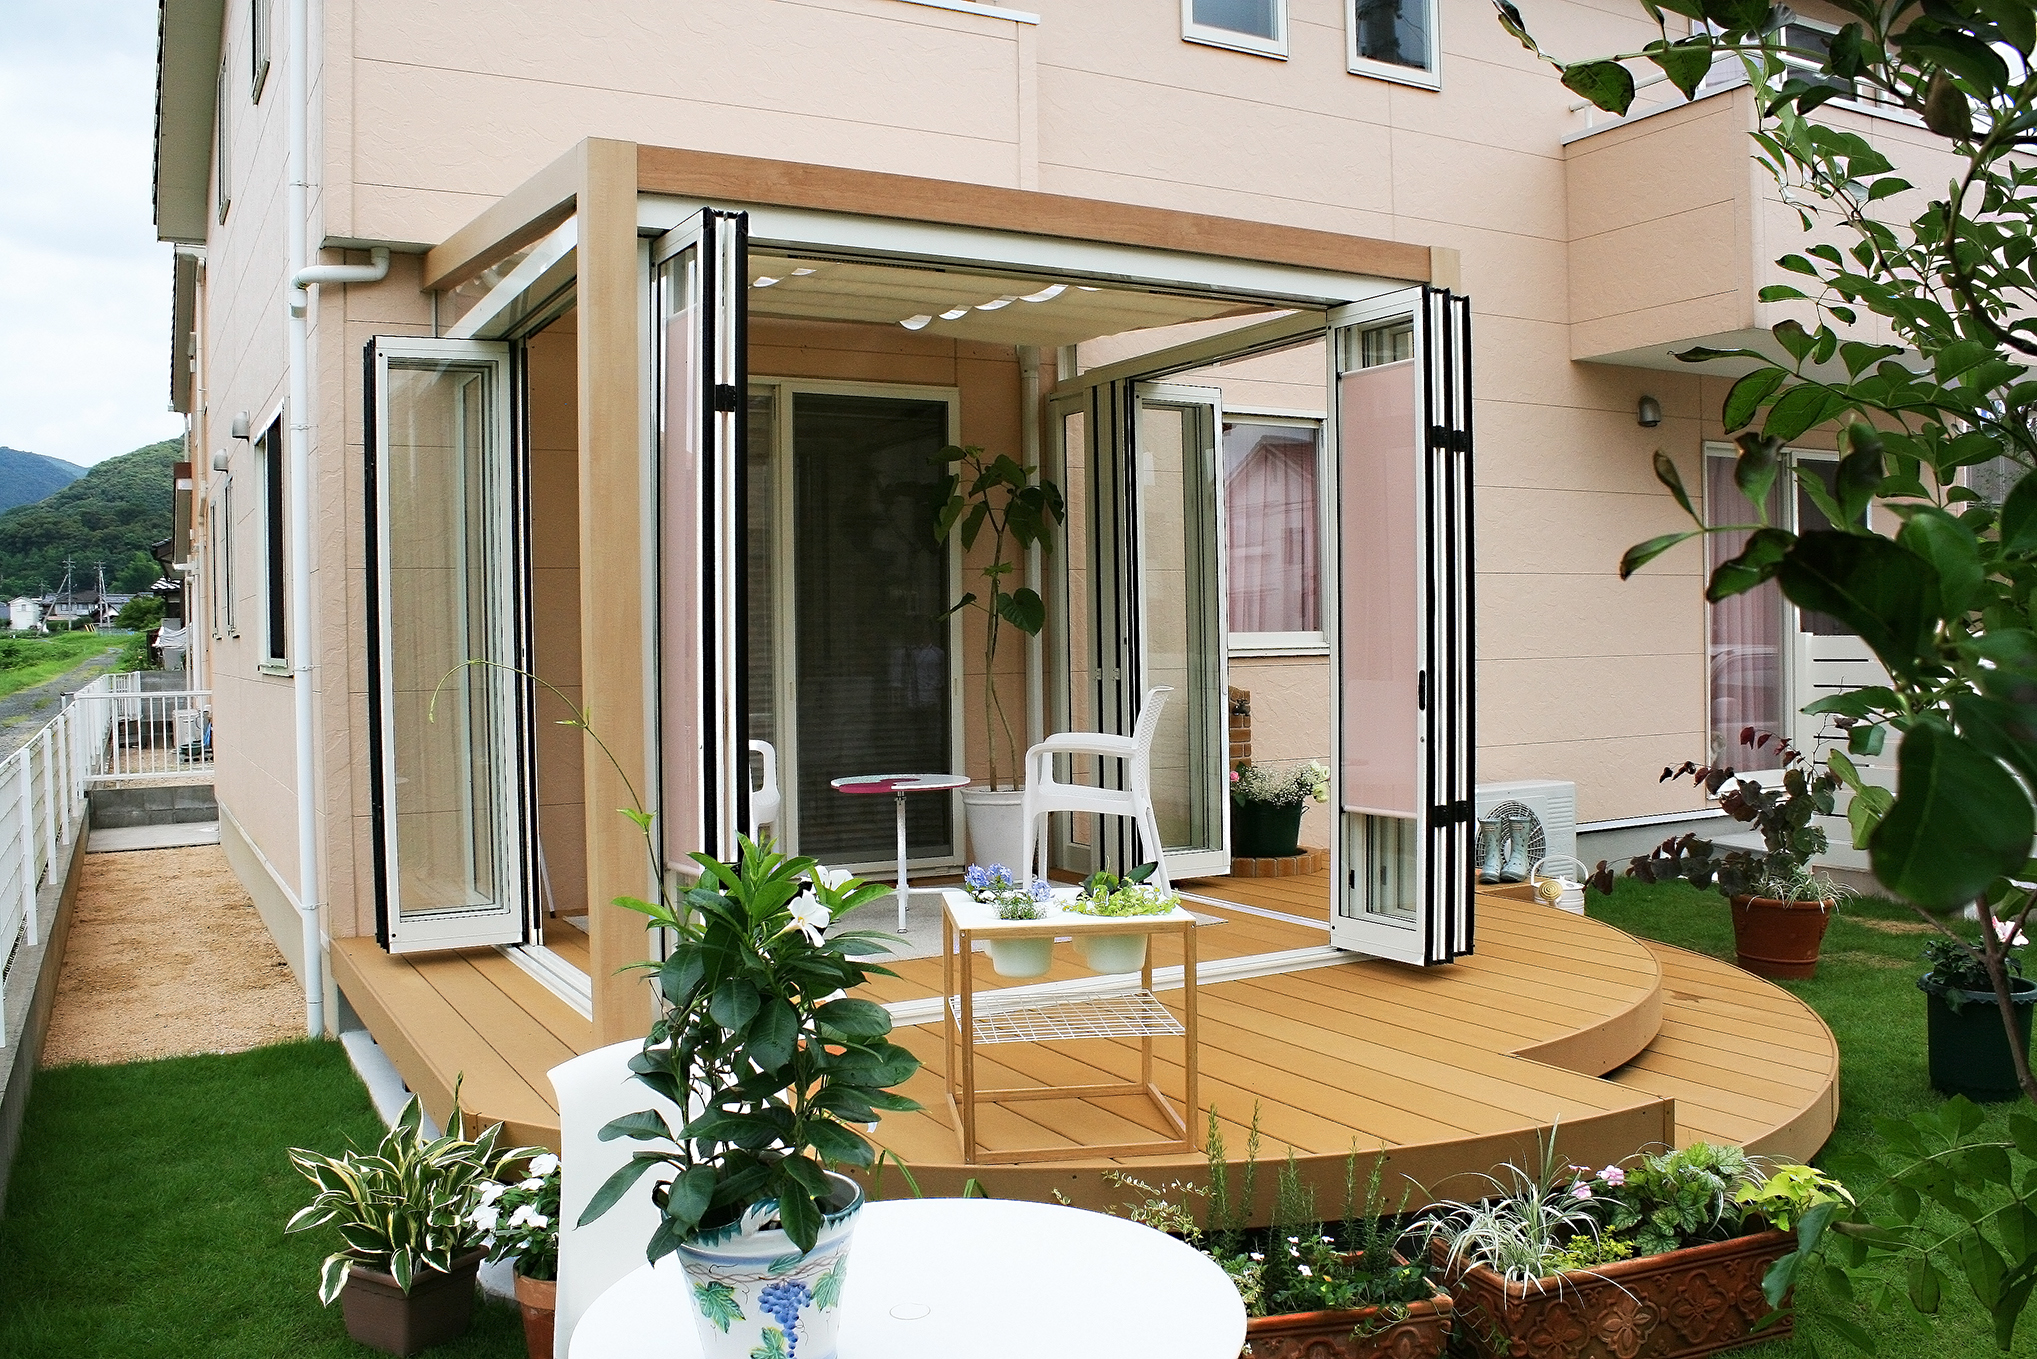 2013LIXILデザインコンテスト入賞作品 ガーデンルーム ジーマ 山口店、宇部店展示中!ガーデンルーム ジーマと人工木材デッキでおしゃれでかわいいガーデン誕生。